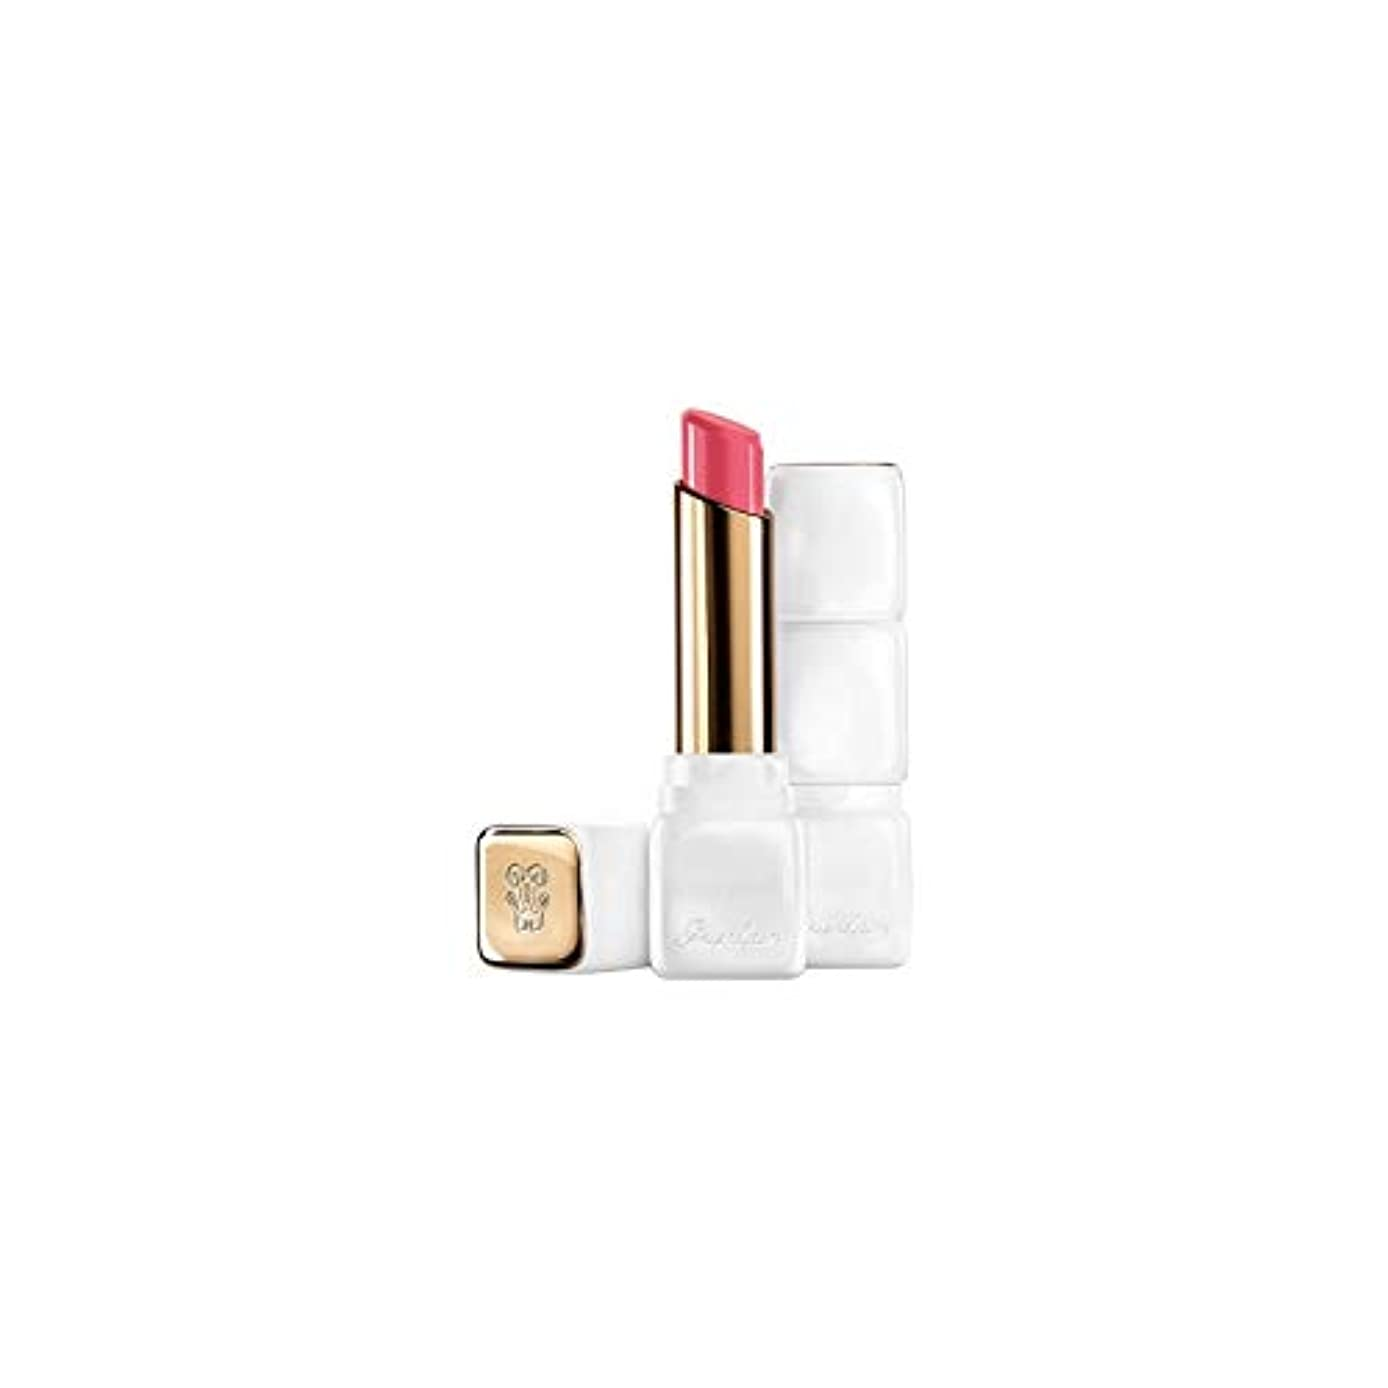 スクラッチ複雑な蒸し器ゲラン KissKiss Roselip Hydrating & Plumping Tinted Lip Balm - #R373 Pink Me Up 2.8g/0.09oz並行輸入品